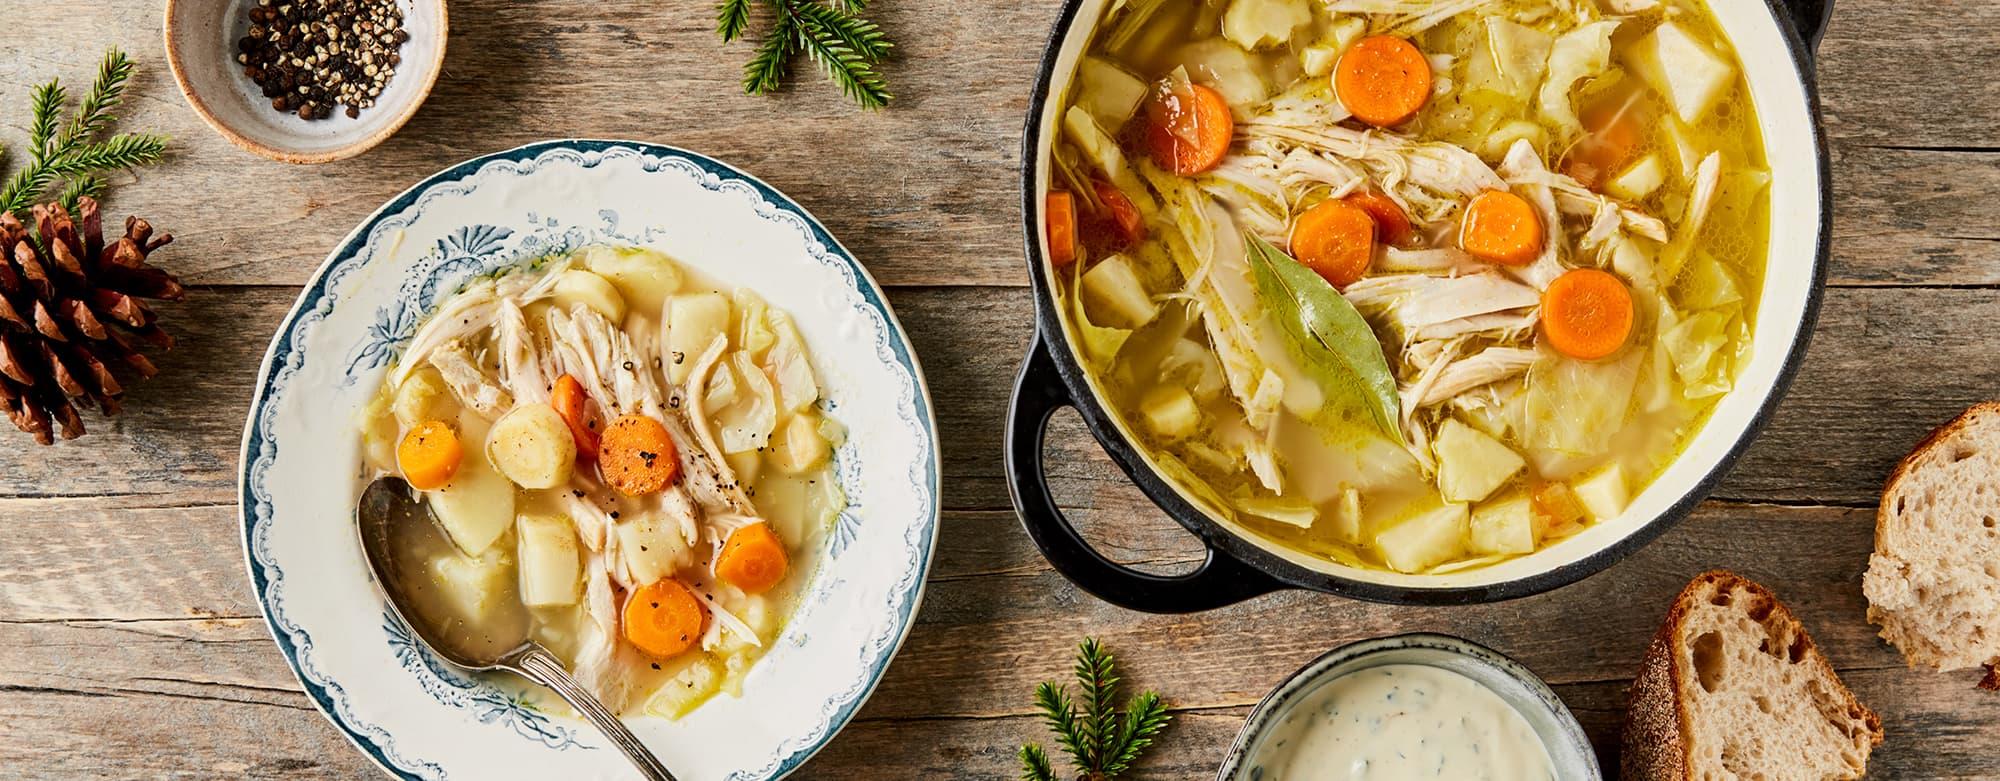 Kalkun passer utmerket i en grønnsakssuppe. Lett og god restemat hvis julen har blitt litt tung.